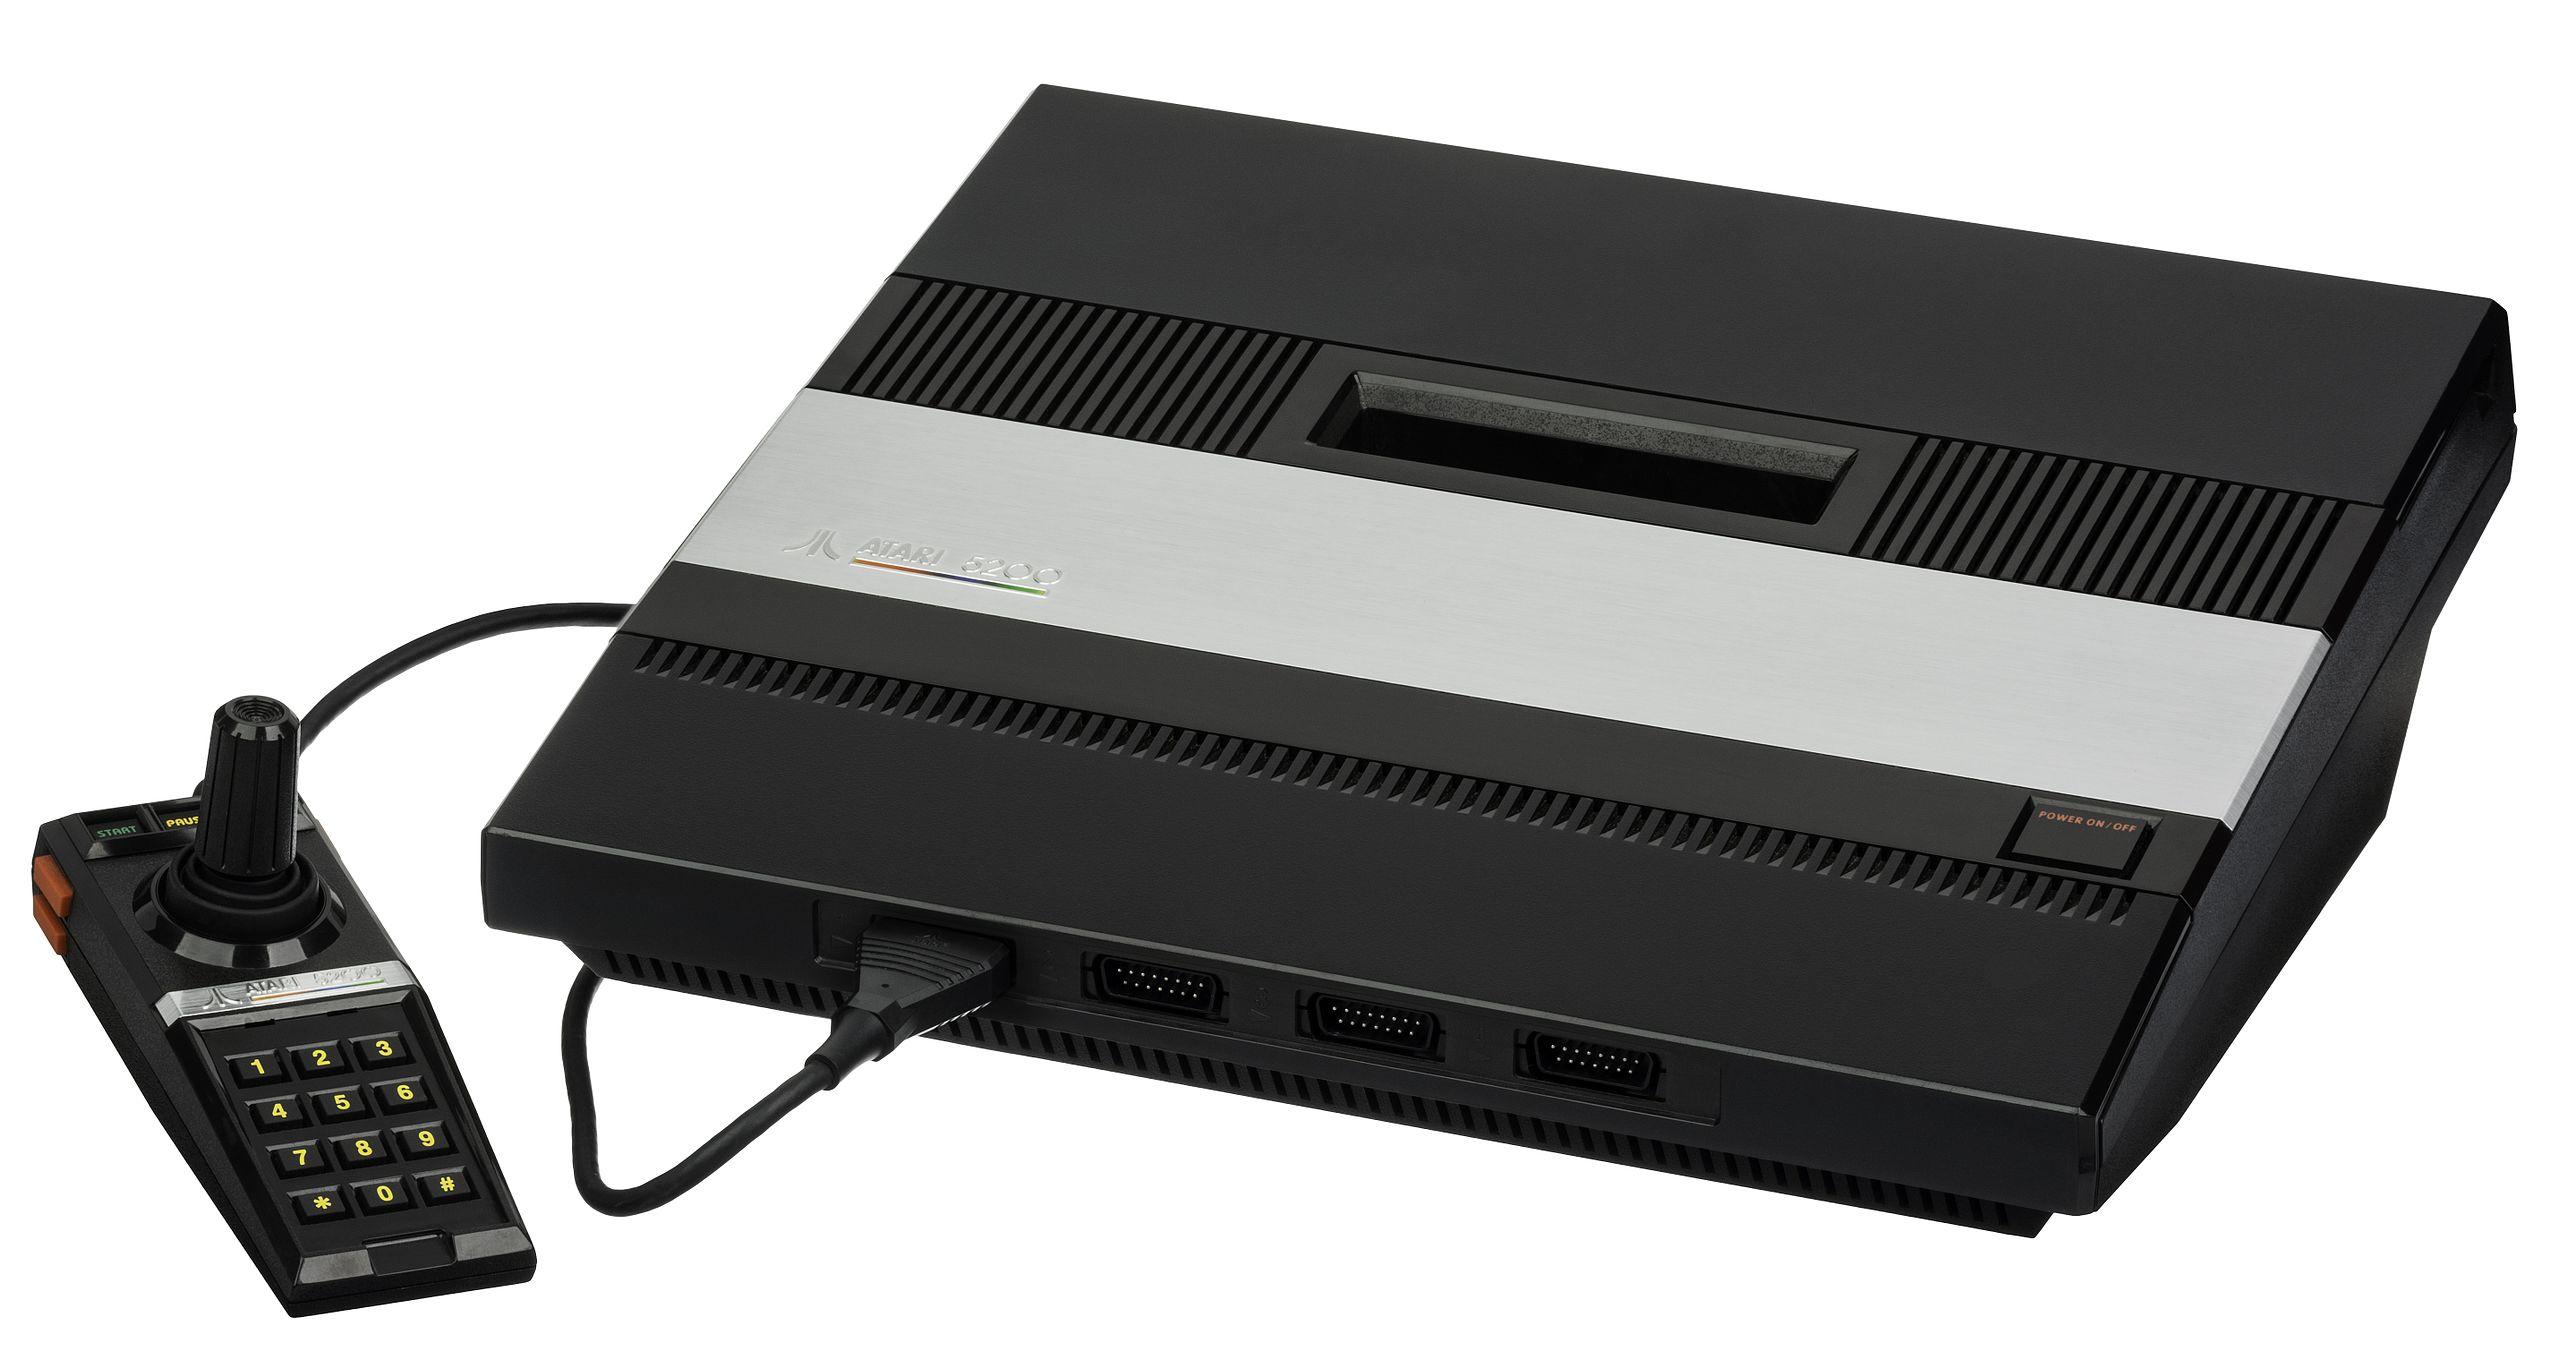 atari-5200-4-port-wcontroller-l.jpg